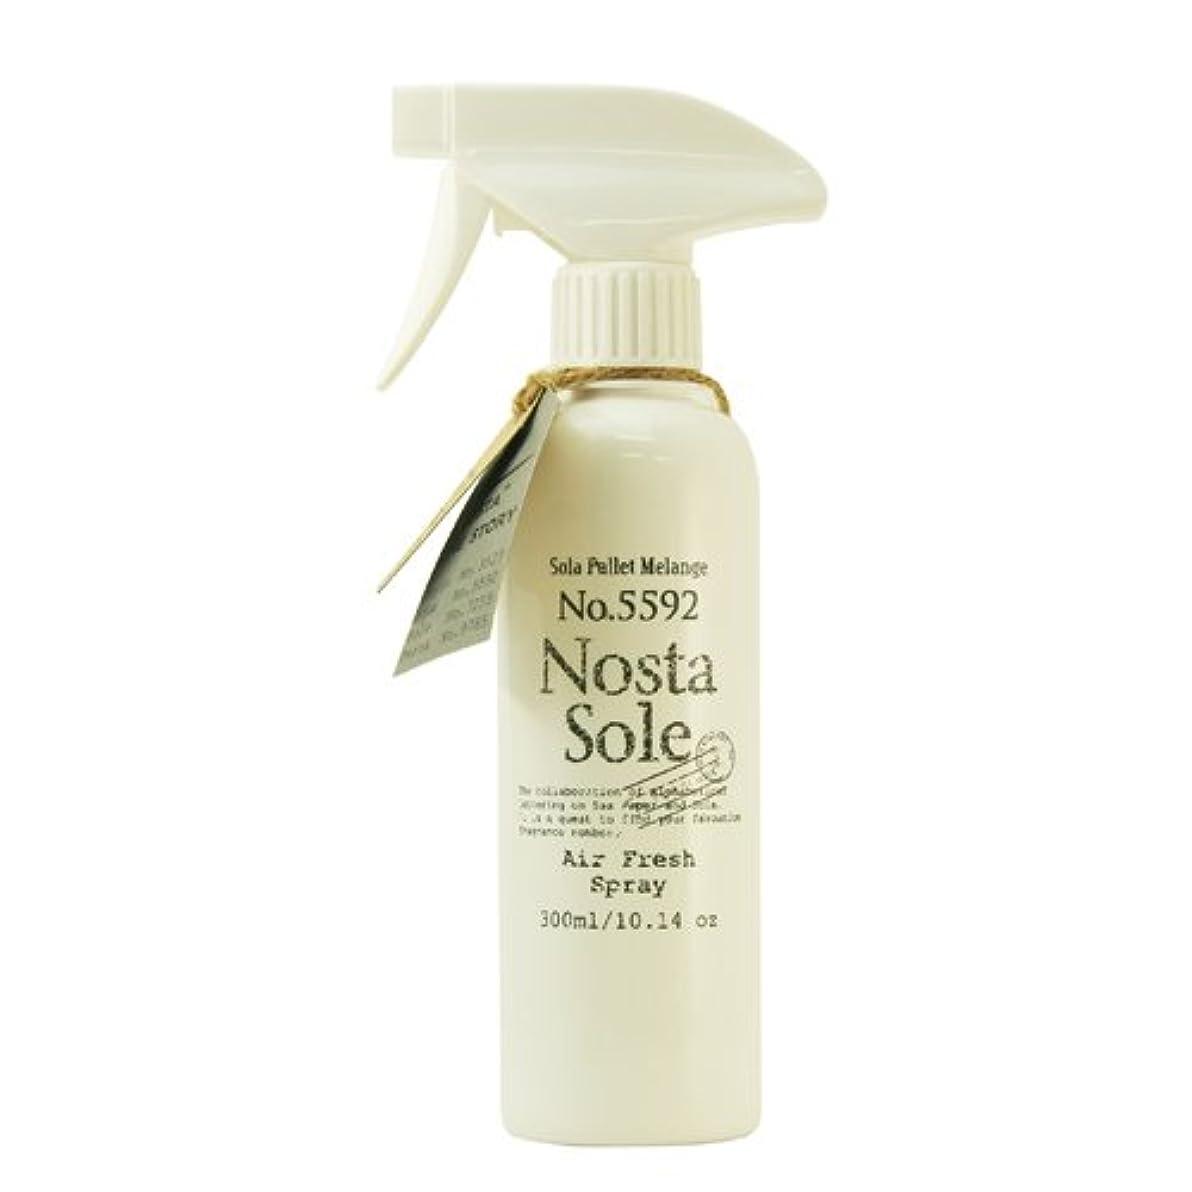 口実団結する祖母Nosta ノスタ Air Fresh Spray エアーフレッシュスプレー(ルームスプレー)Sole ソーレ / 太陽